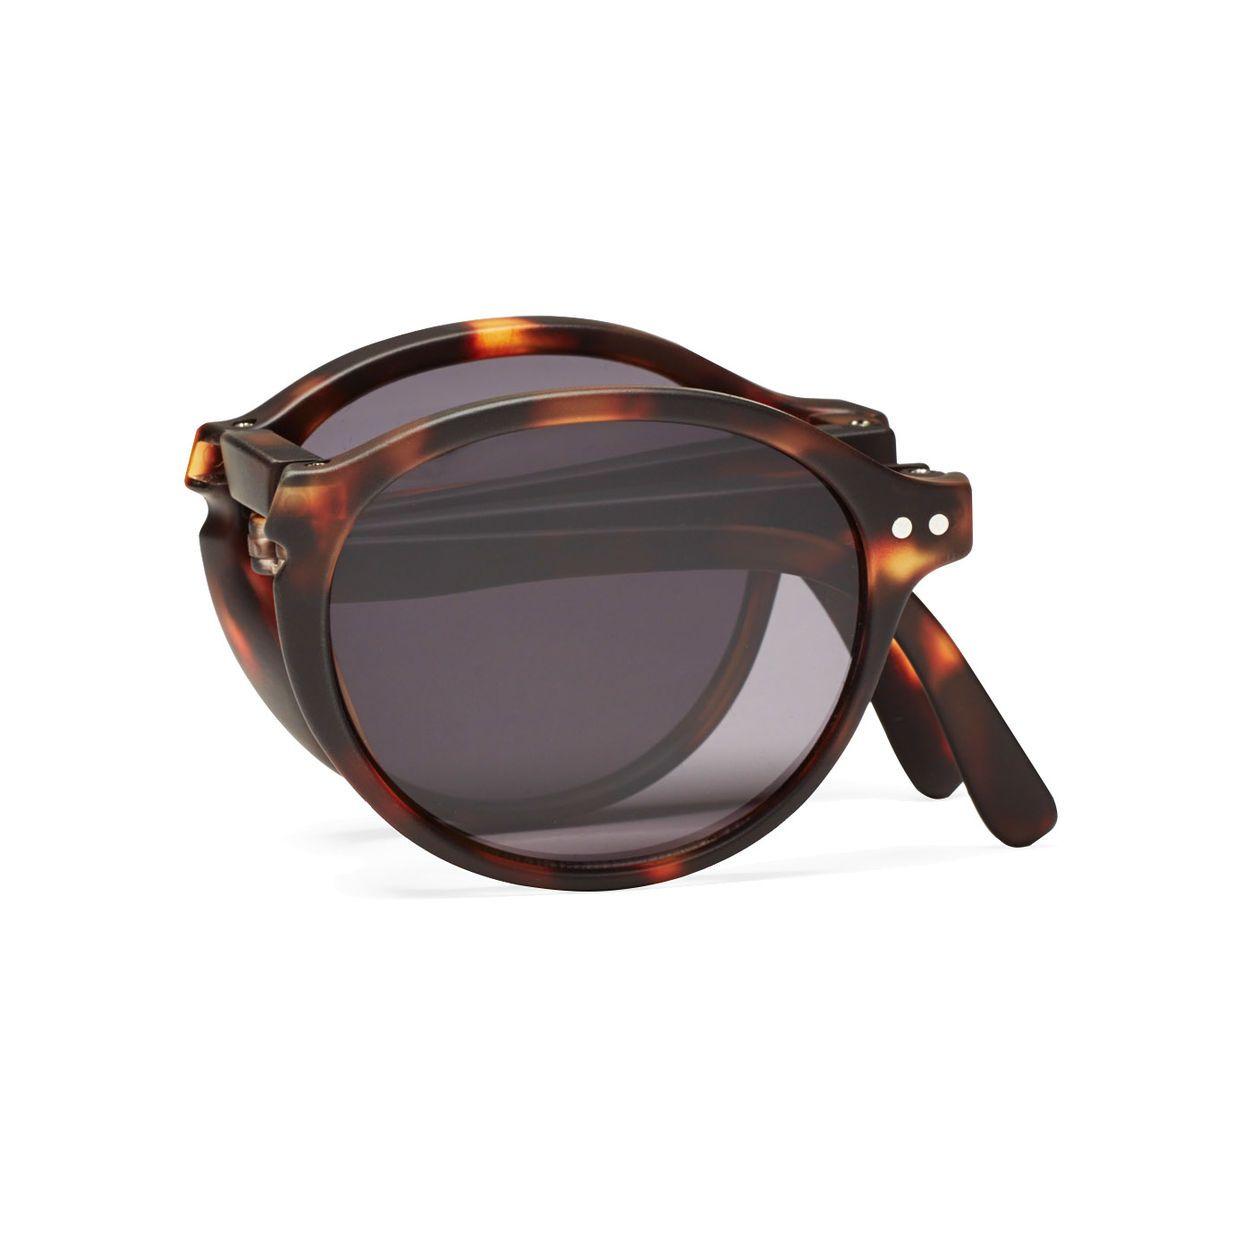 promo paires de Lunettes de soleil sunglasses rb homme femme club vintage round